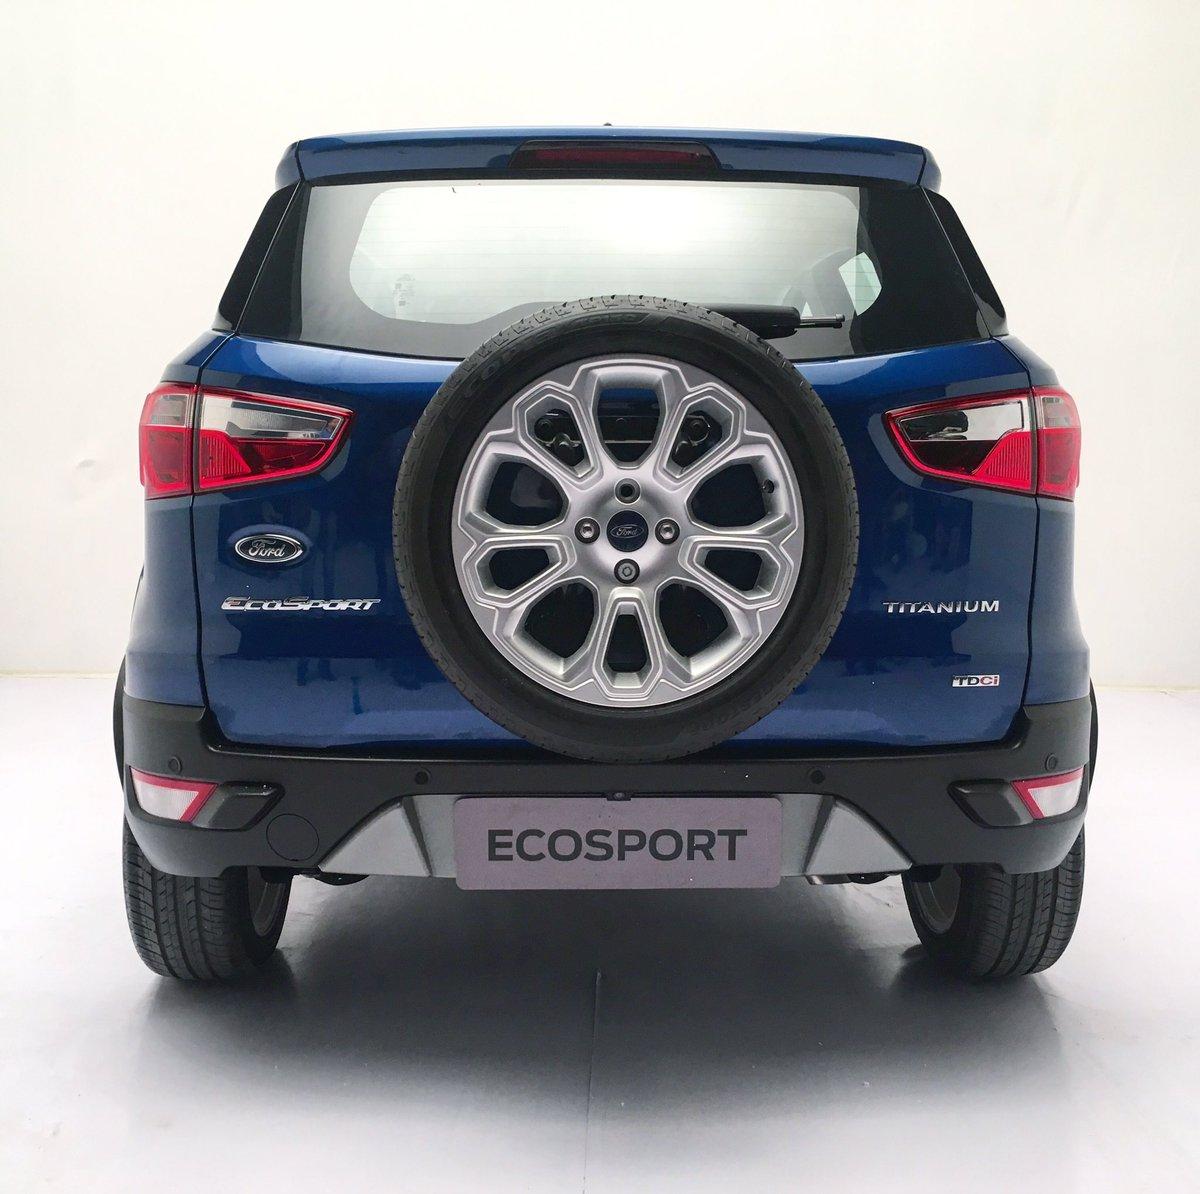 Xe++ - Ford EcoSport facelift với 10 biến thể, giá từ 255,8 triệu đồng (Hình 8).